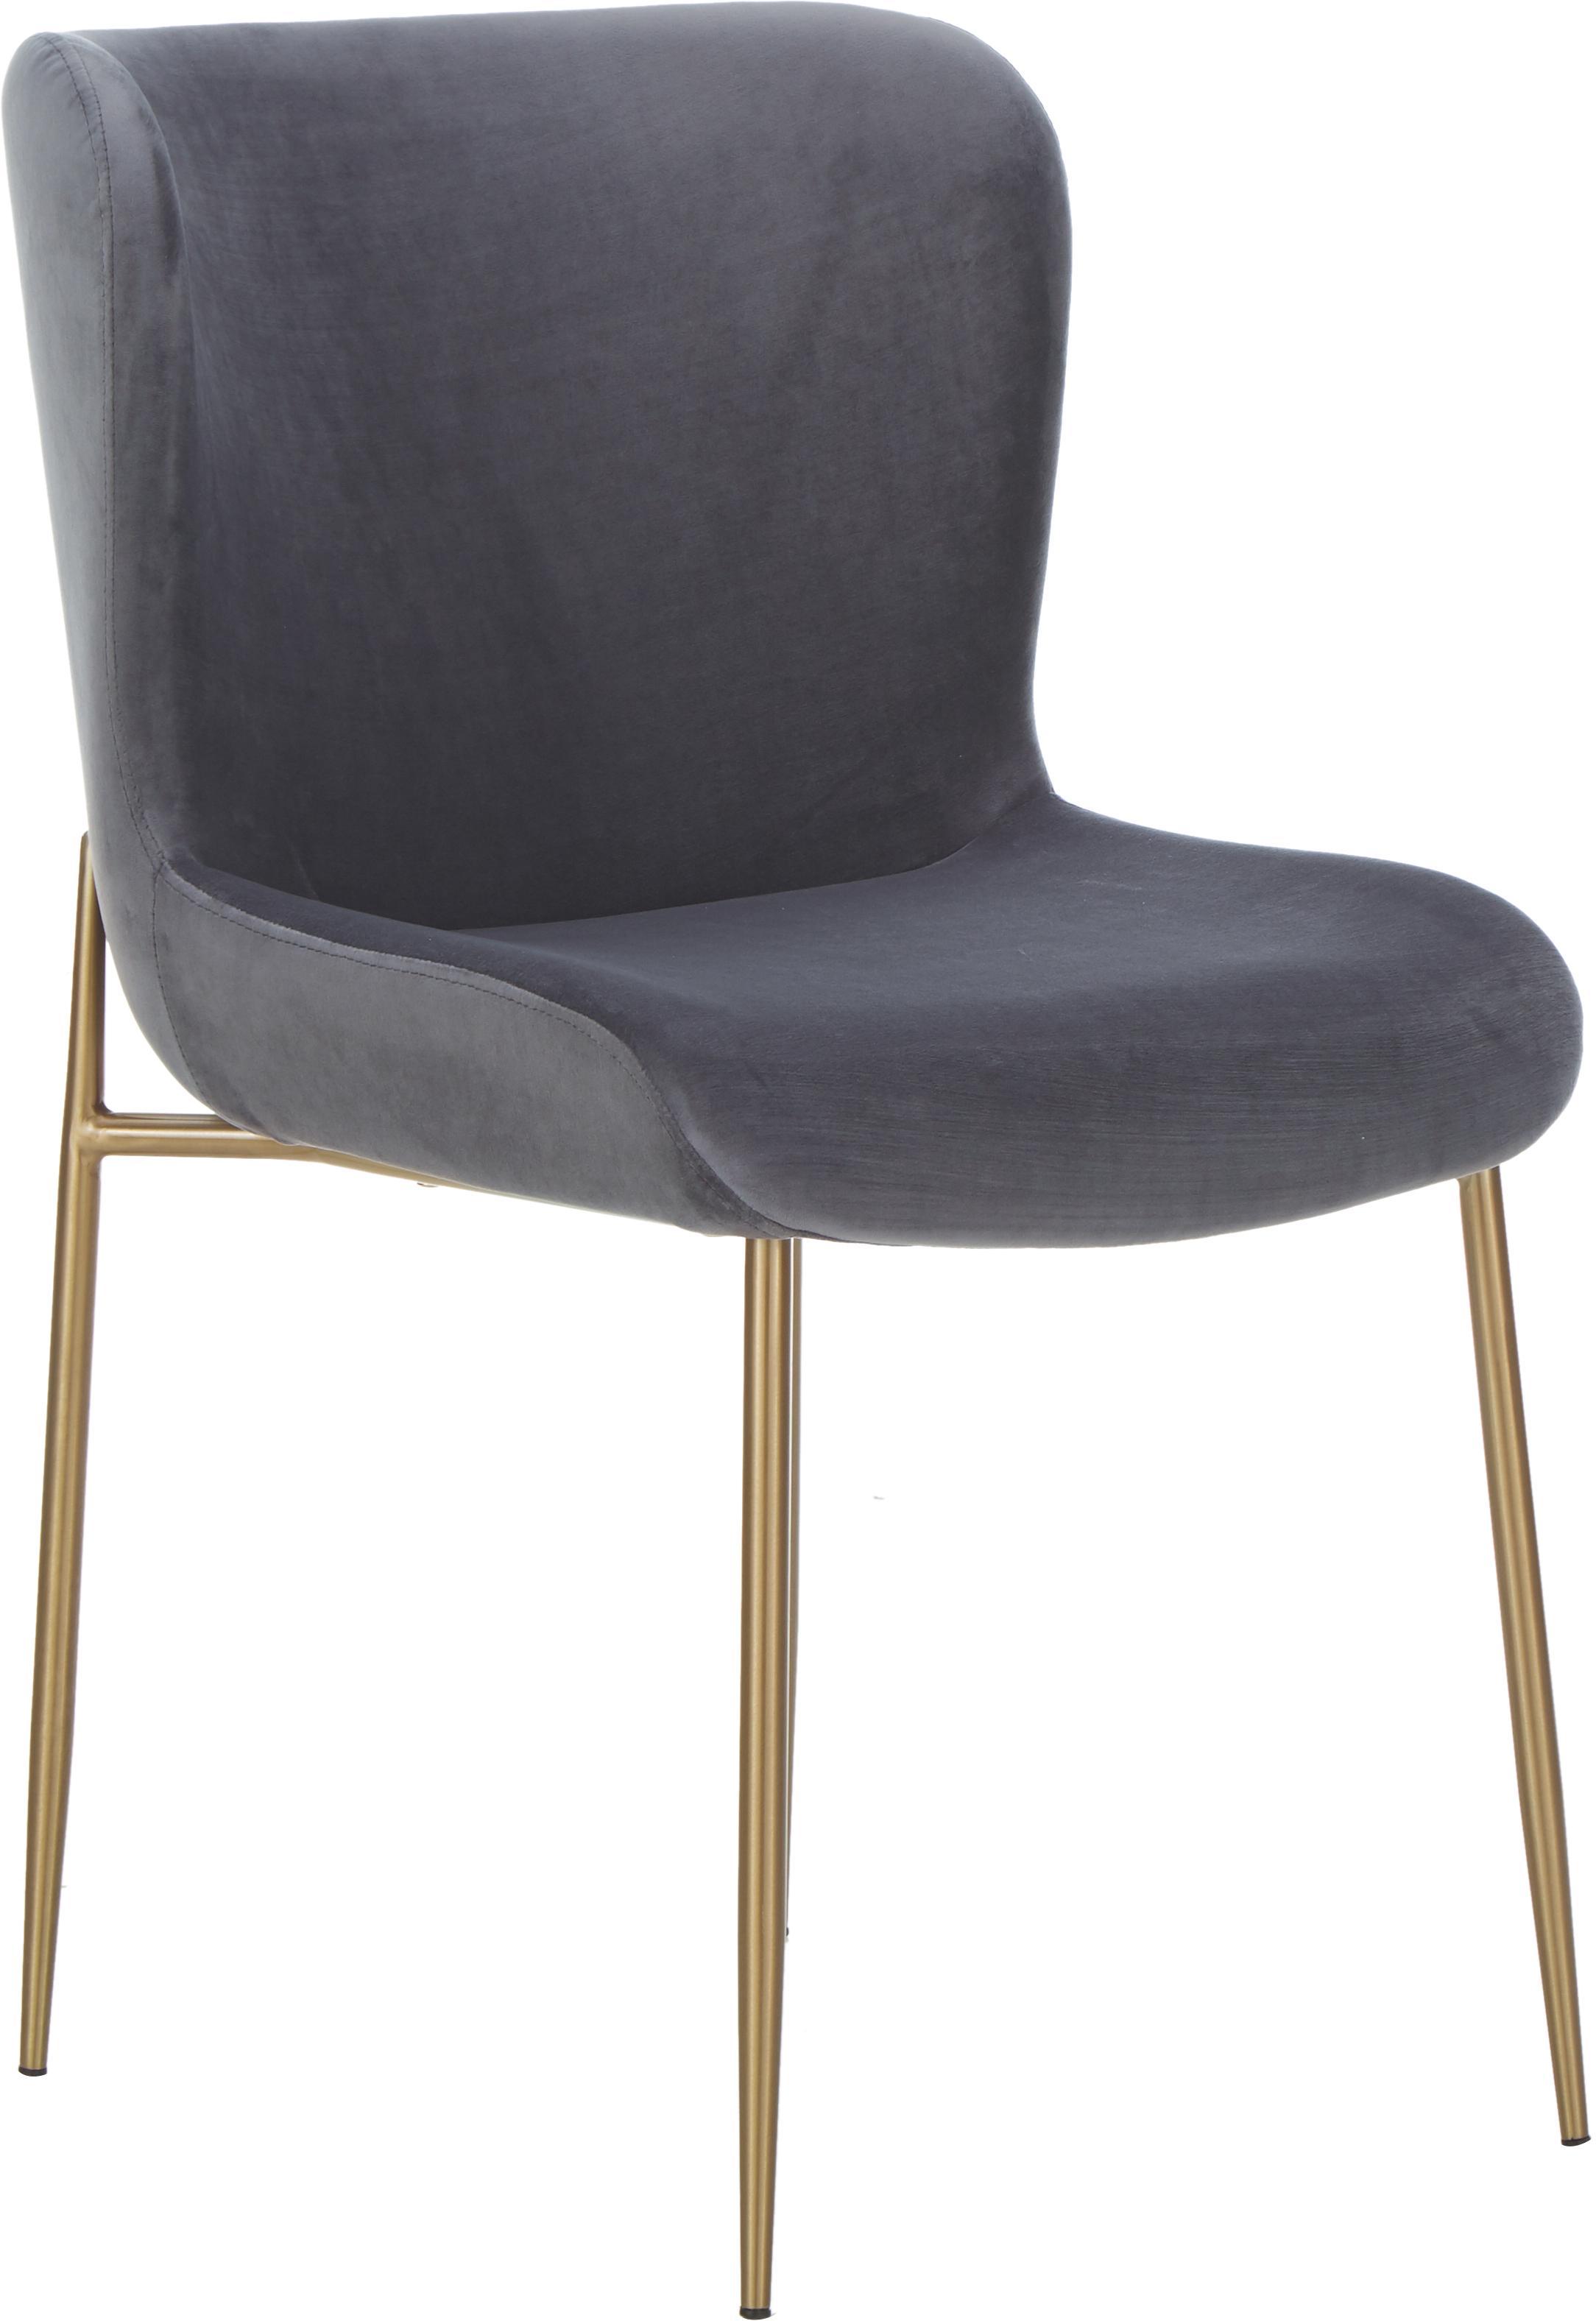 Sedia imbottita in velluto Tess, Rivestimento: velluto (poliestere) 30.0, Gambe: metallo rivestito, Velluto antracite, gambe oro, Larg. 48 x Alt. 64 cm